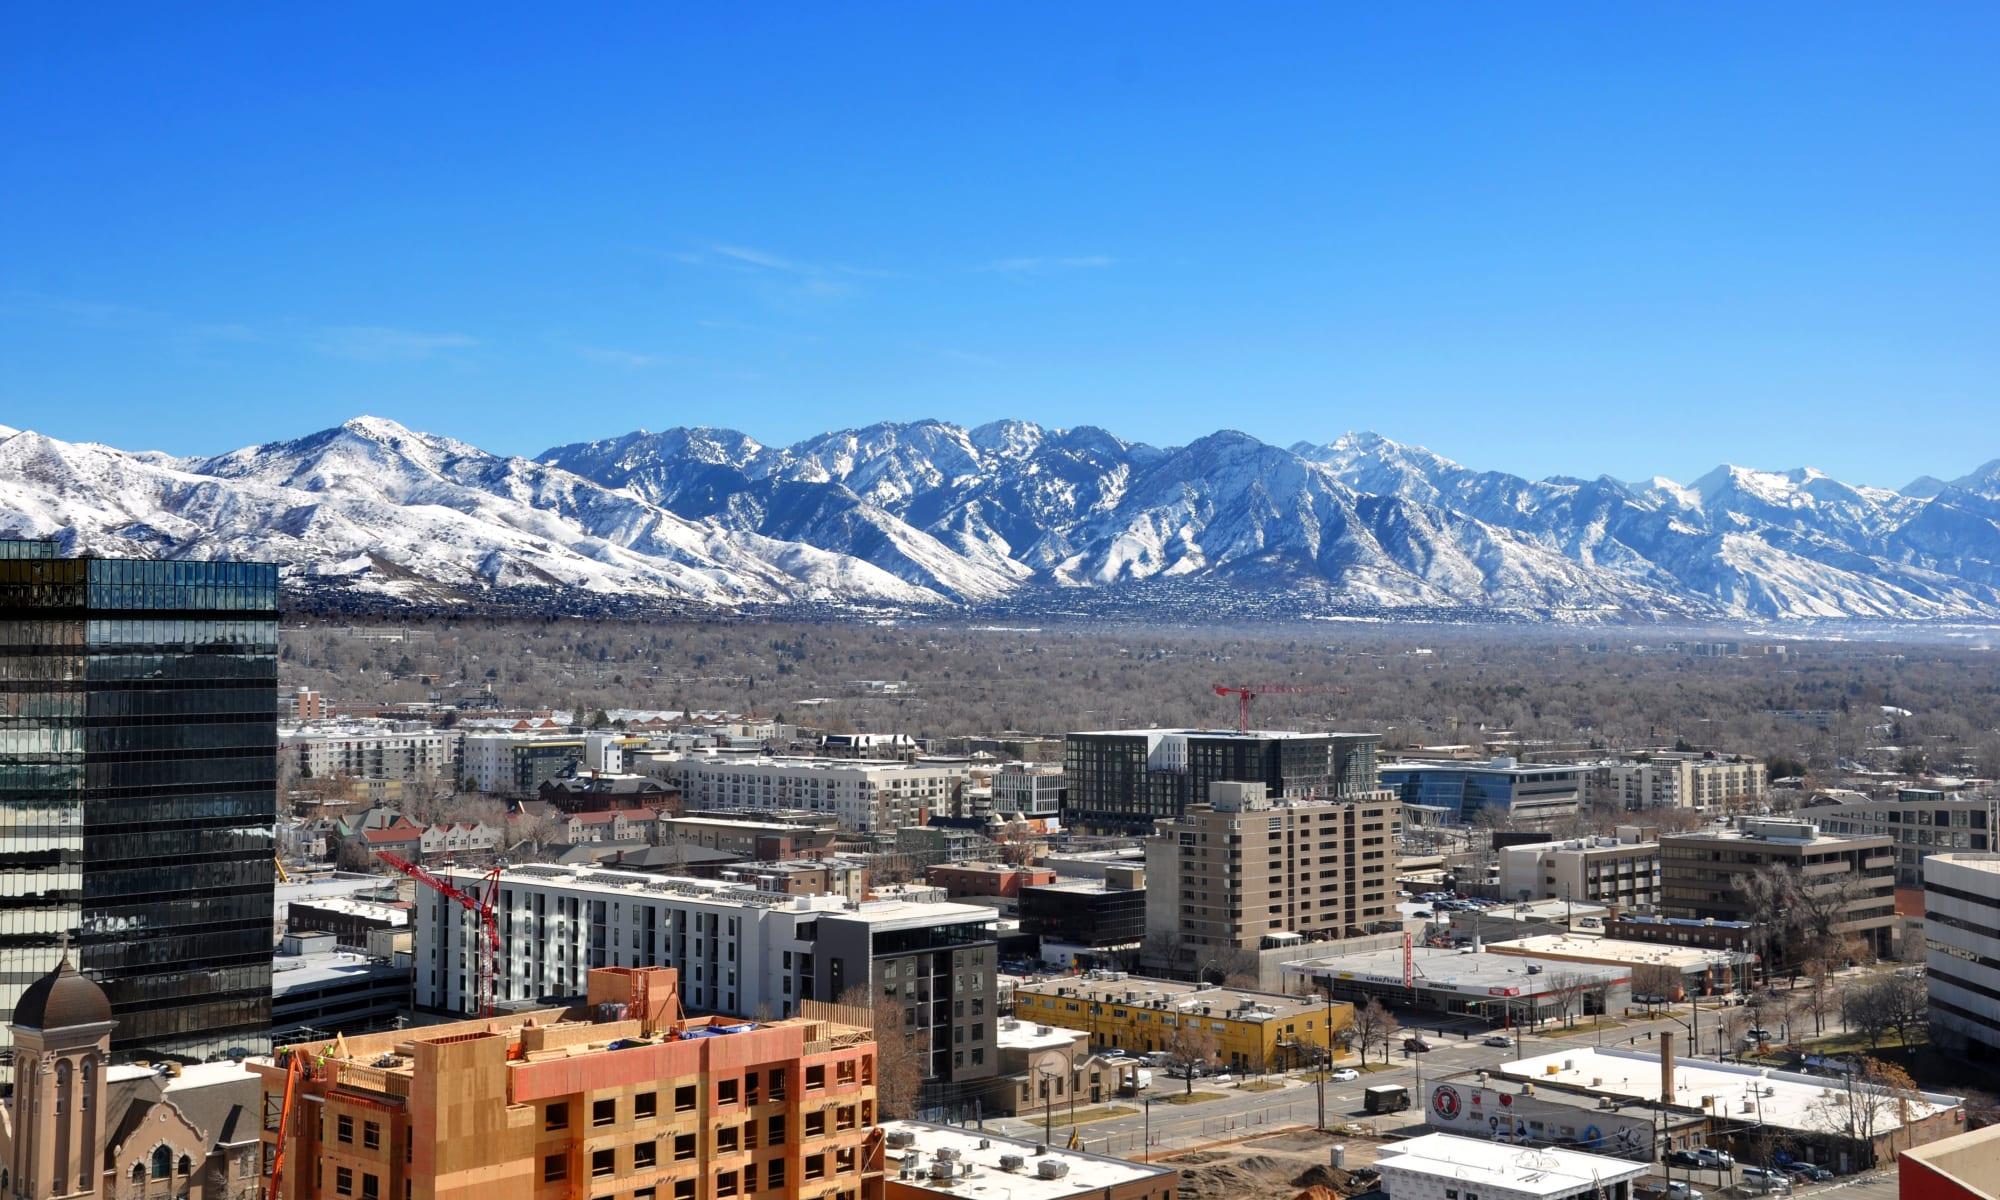 Views from the 16th floor at Liberty SKY in Salt Lake City, Utah